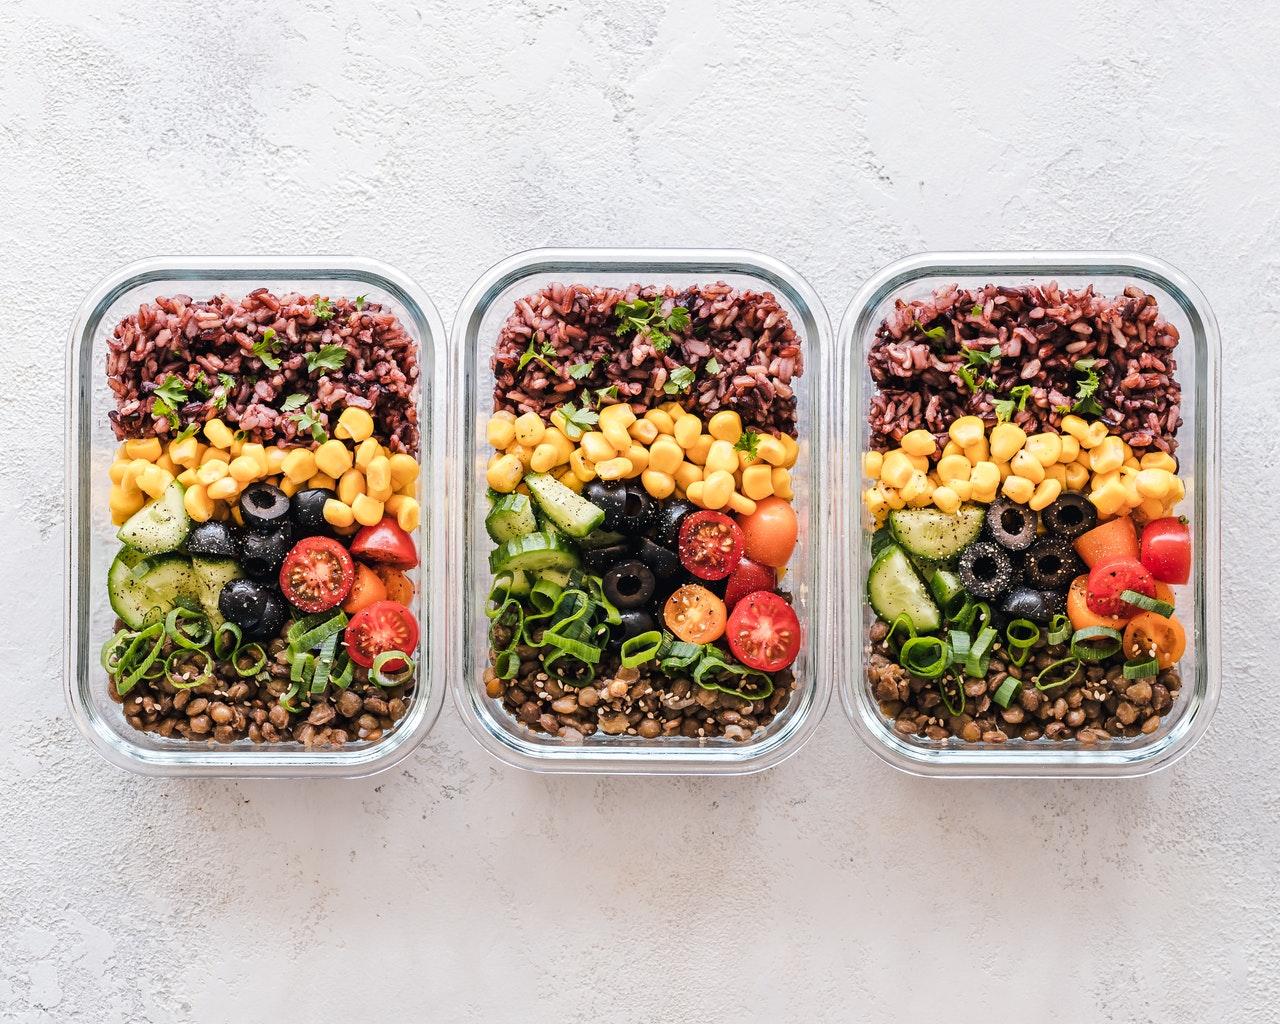 Drei Frischhaltebehälter aus Glas sind mit frischem Gemüse, Reis und Nüssen gefüllt.